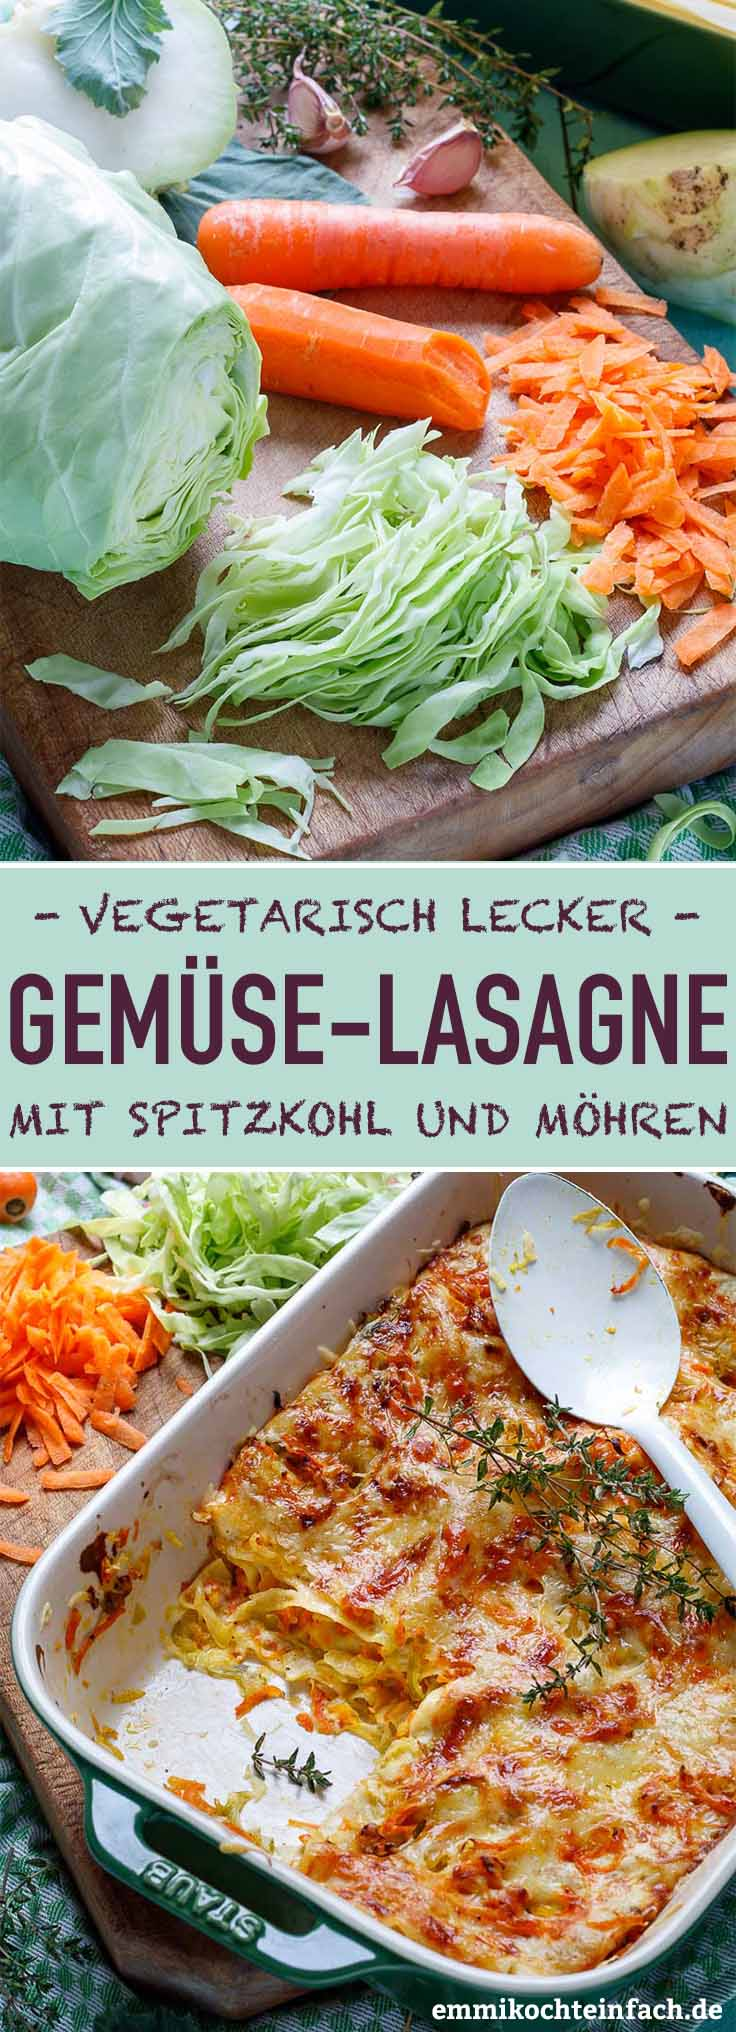 Gemüselasagne mit Spitzkohl und Möhren - www.emmikochteinfach.de